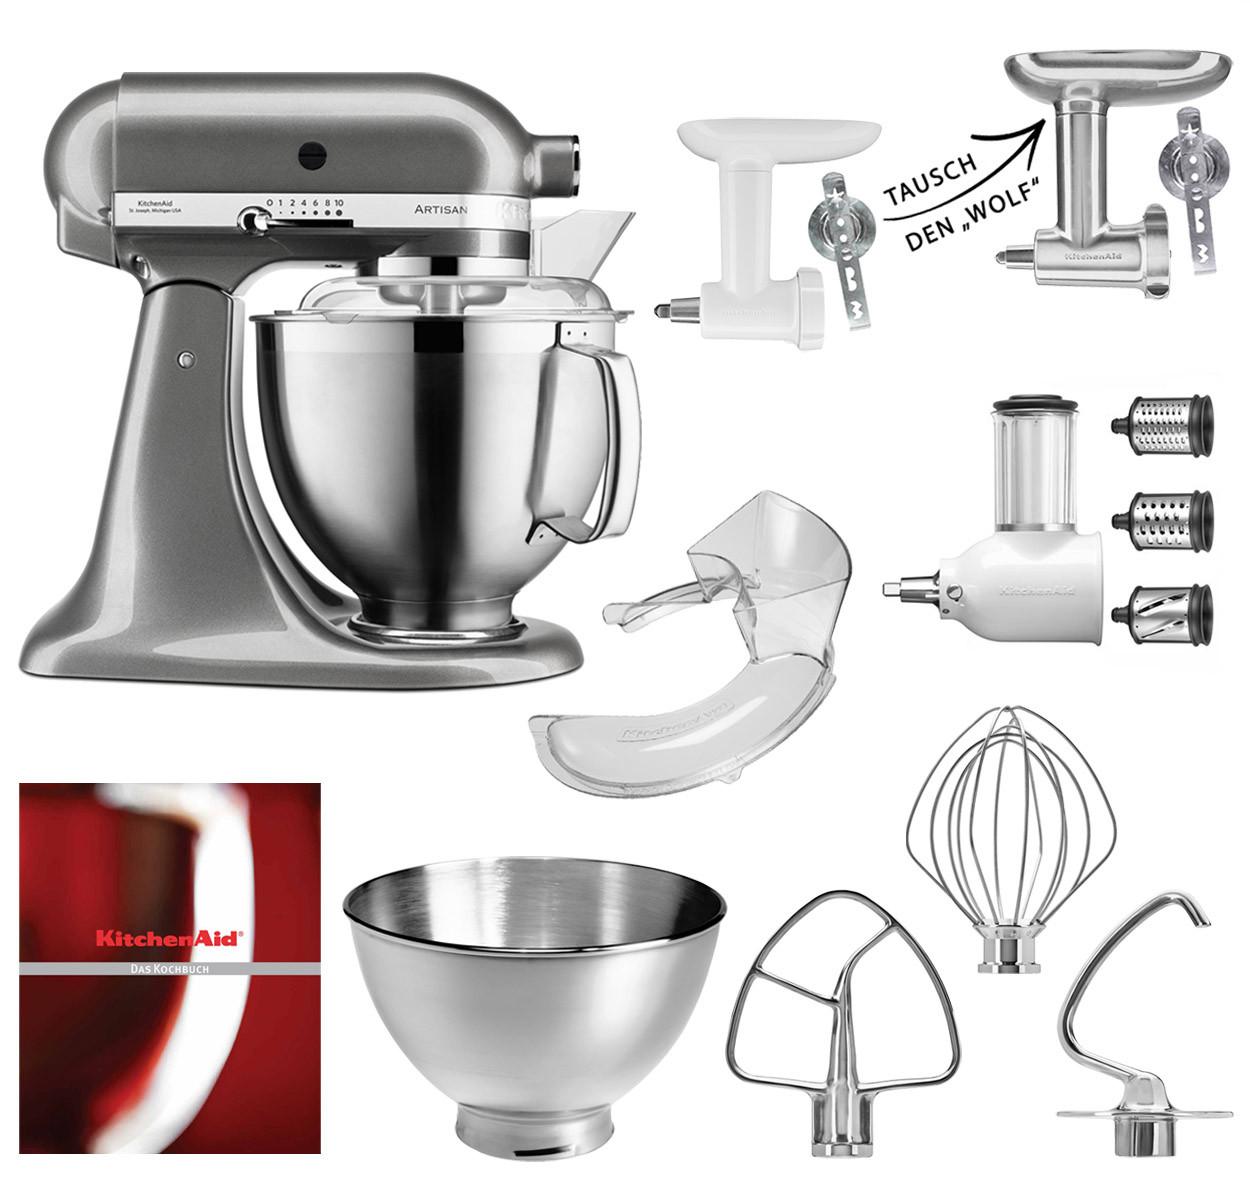 KitchenAid Küchenmaschine 185PS Option Fleischwolf Tauschen